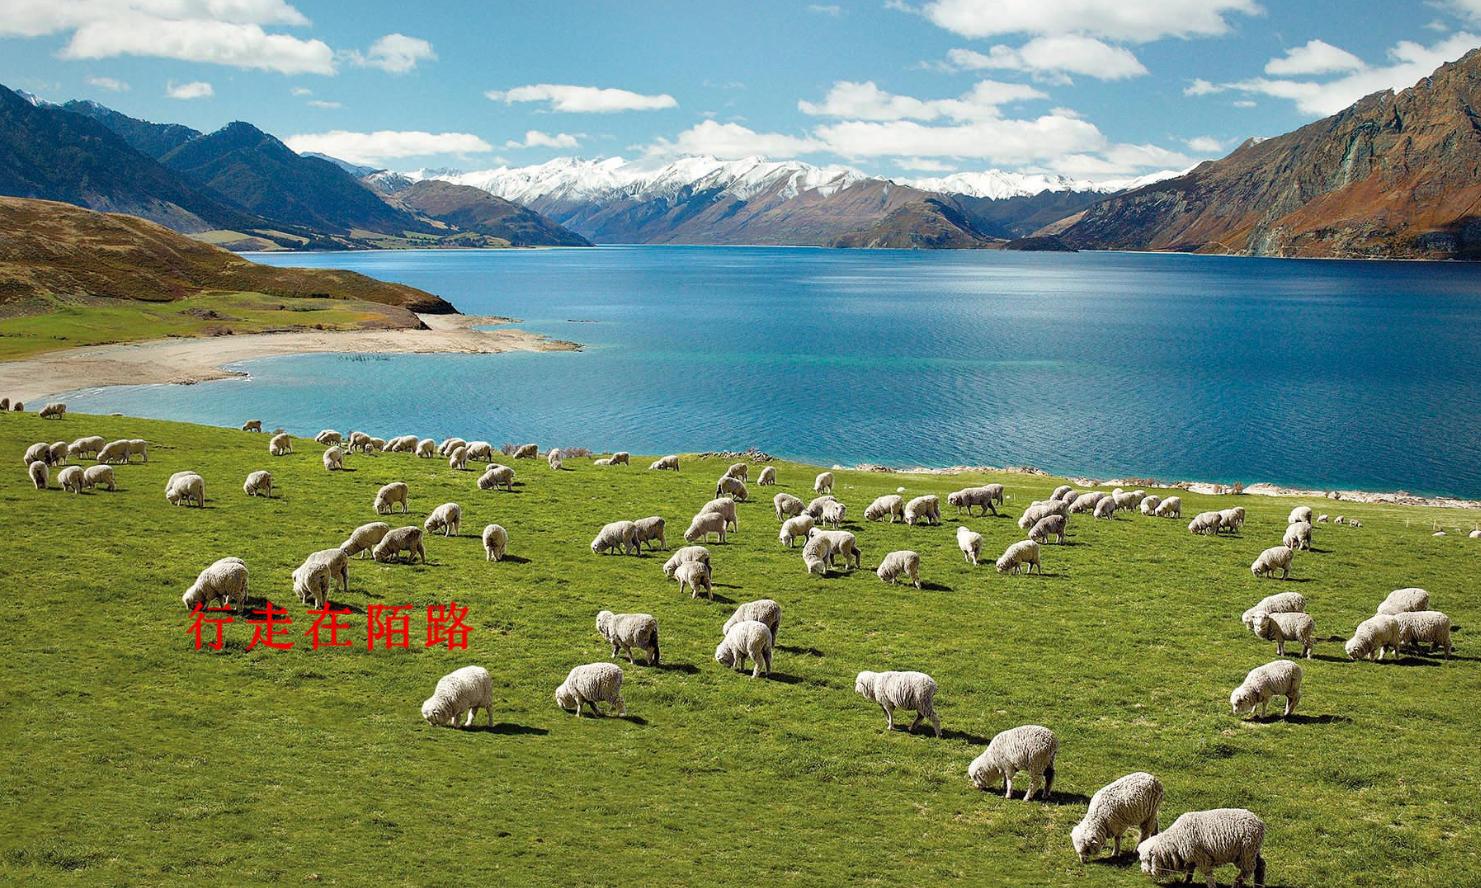 新西兰急招:猕猴桃无人采摘白白烂掉,日入千元聘中国游客